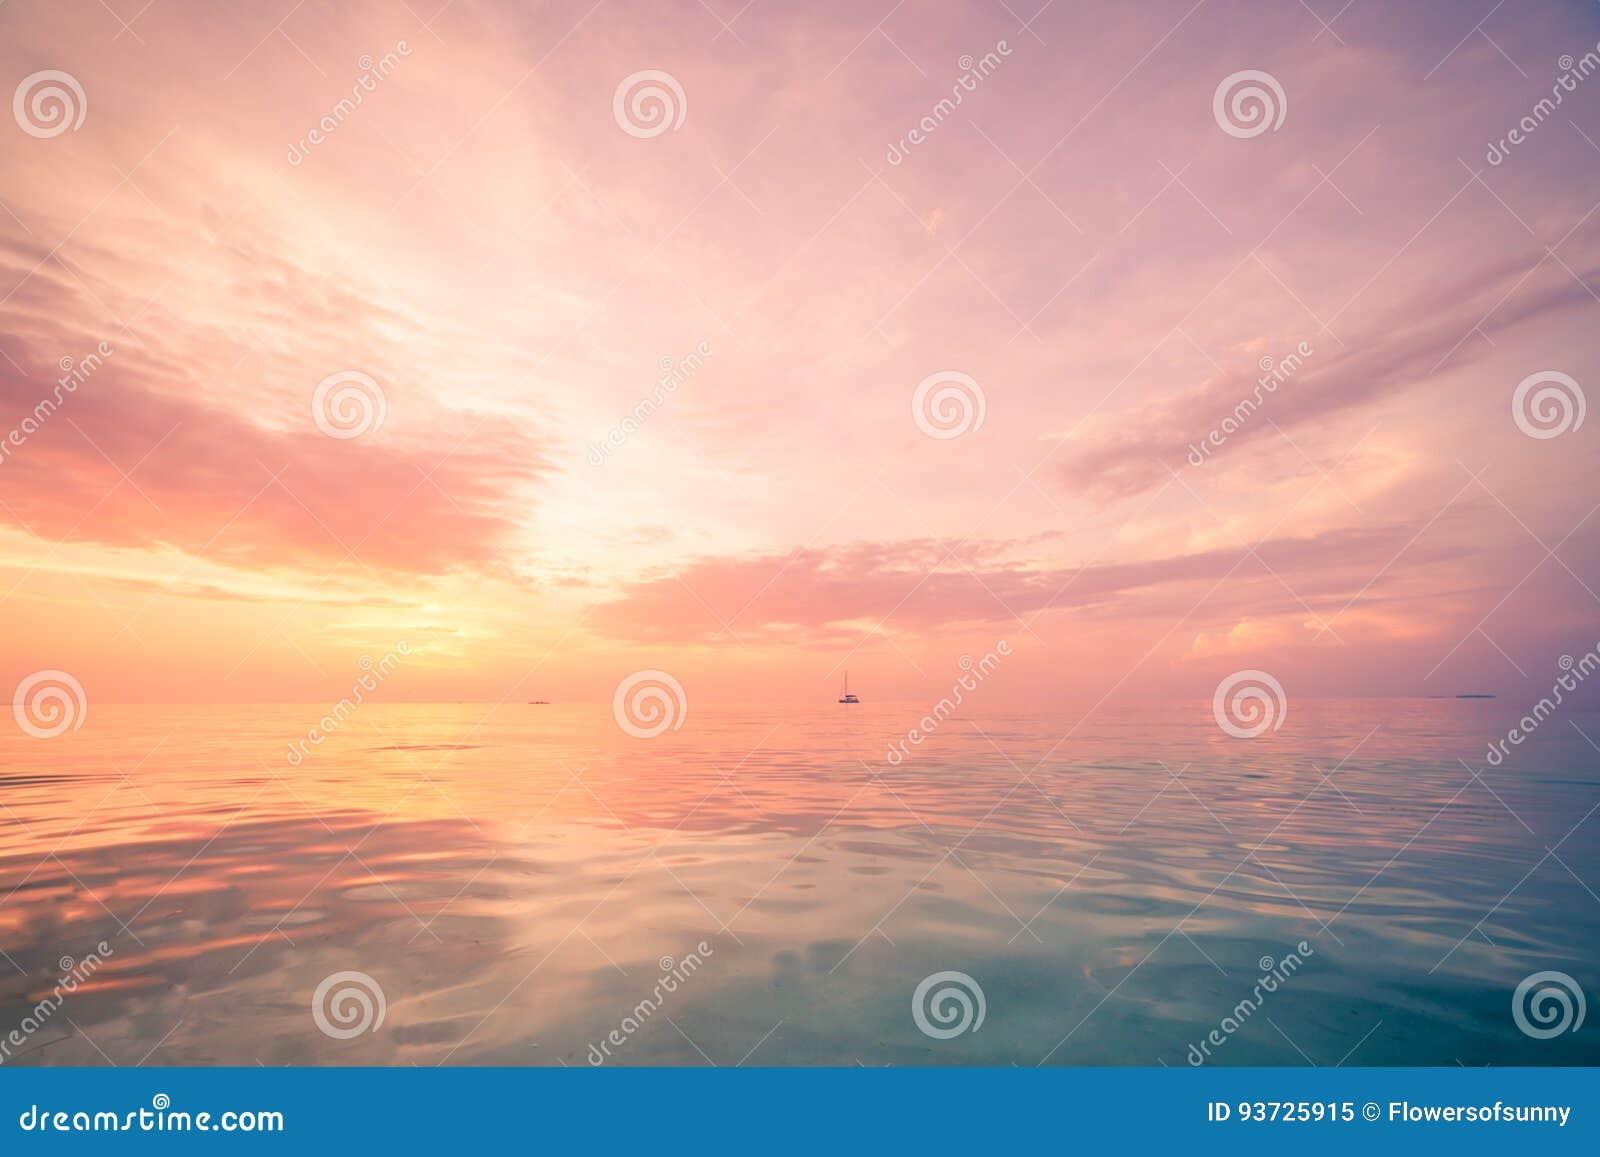 Inspirerande havs- och himmelsikt med horisonten och koppla avfärger